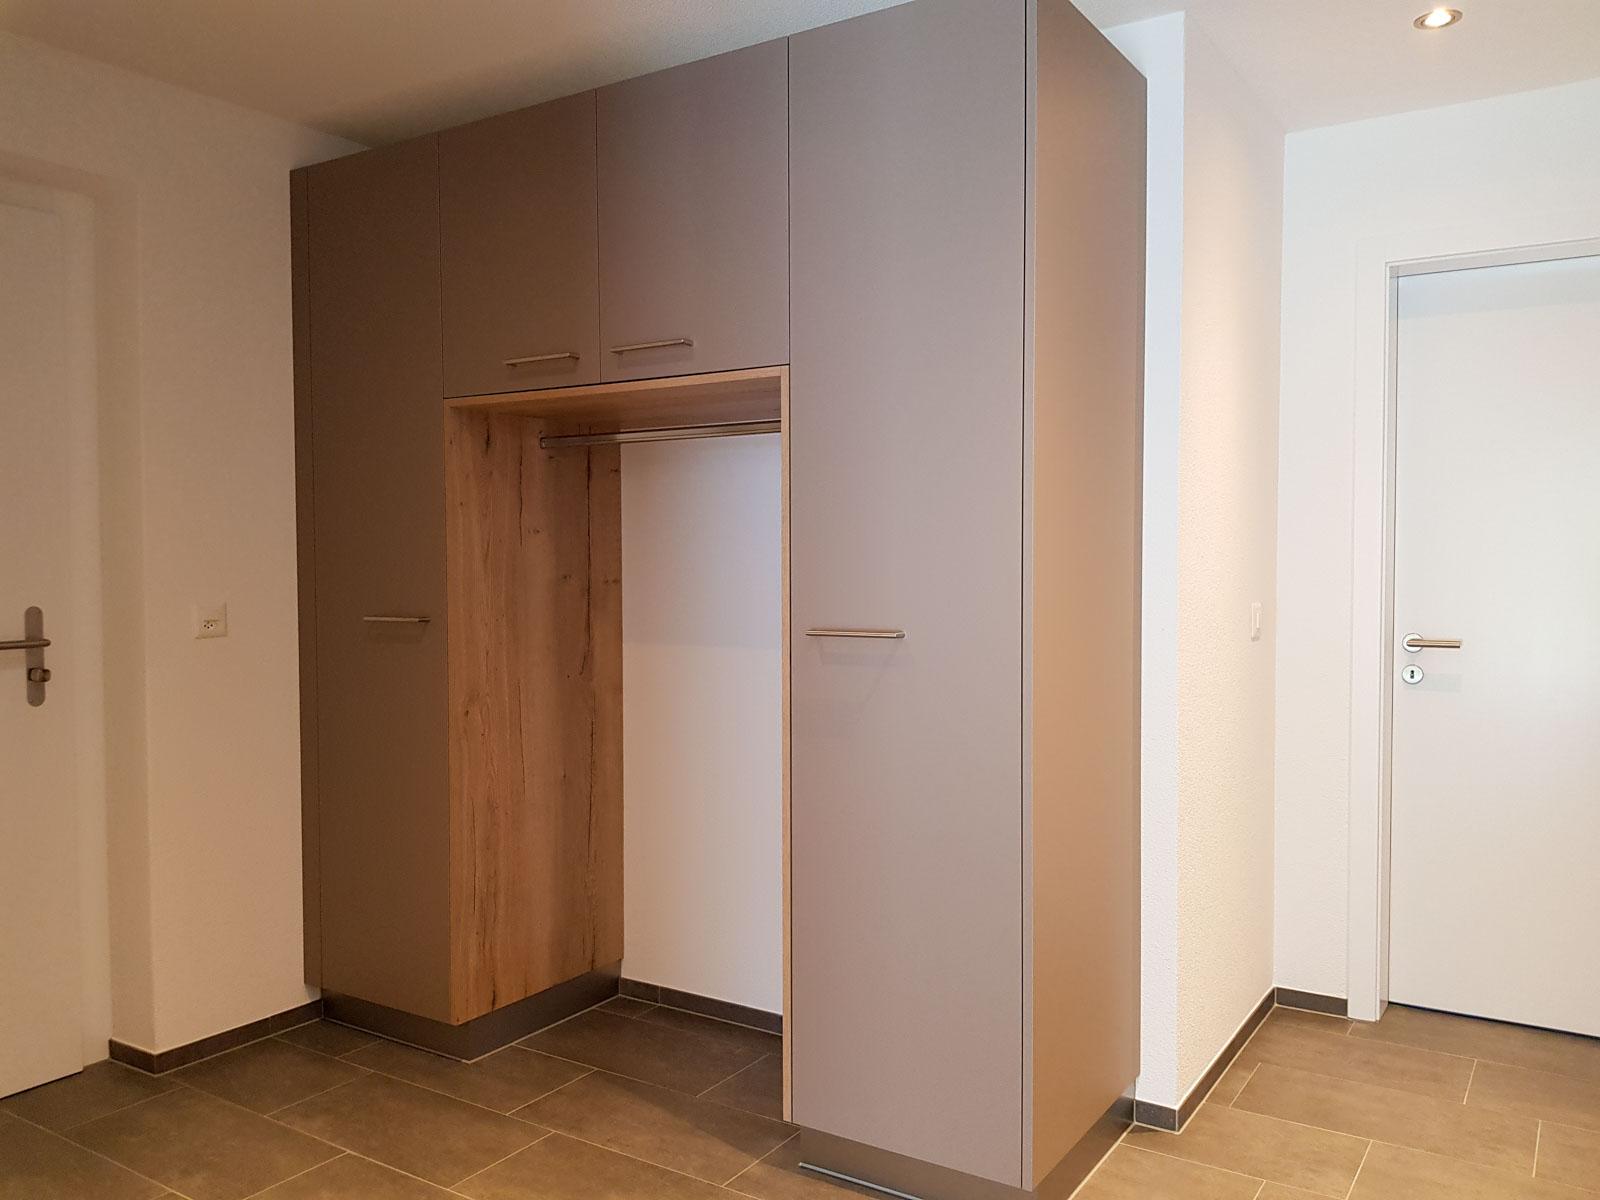 Wooddesign_Garderobe_Gästegarderobe_Putzschrank_offene Garderobe_Eiche hell_Erdfarbe_ beige (1)